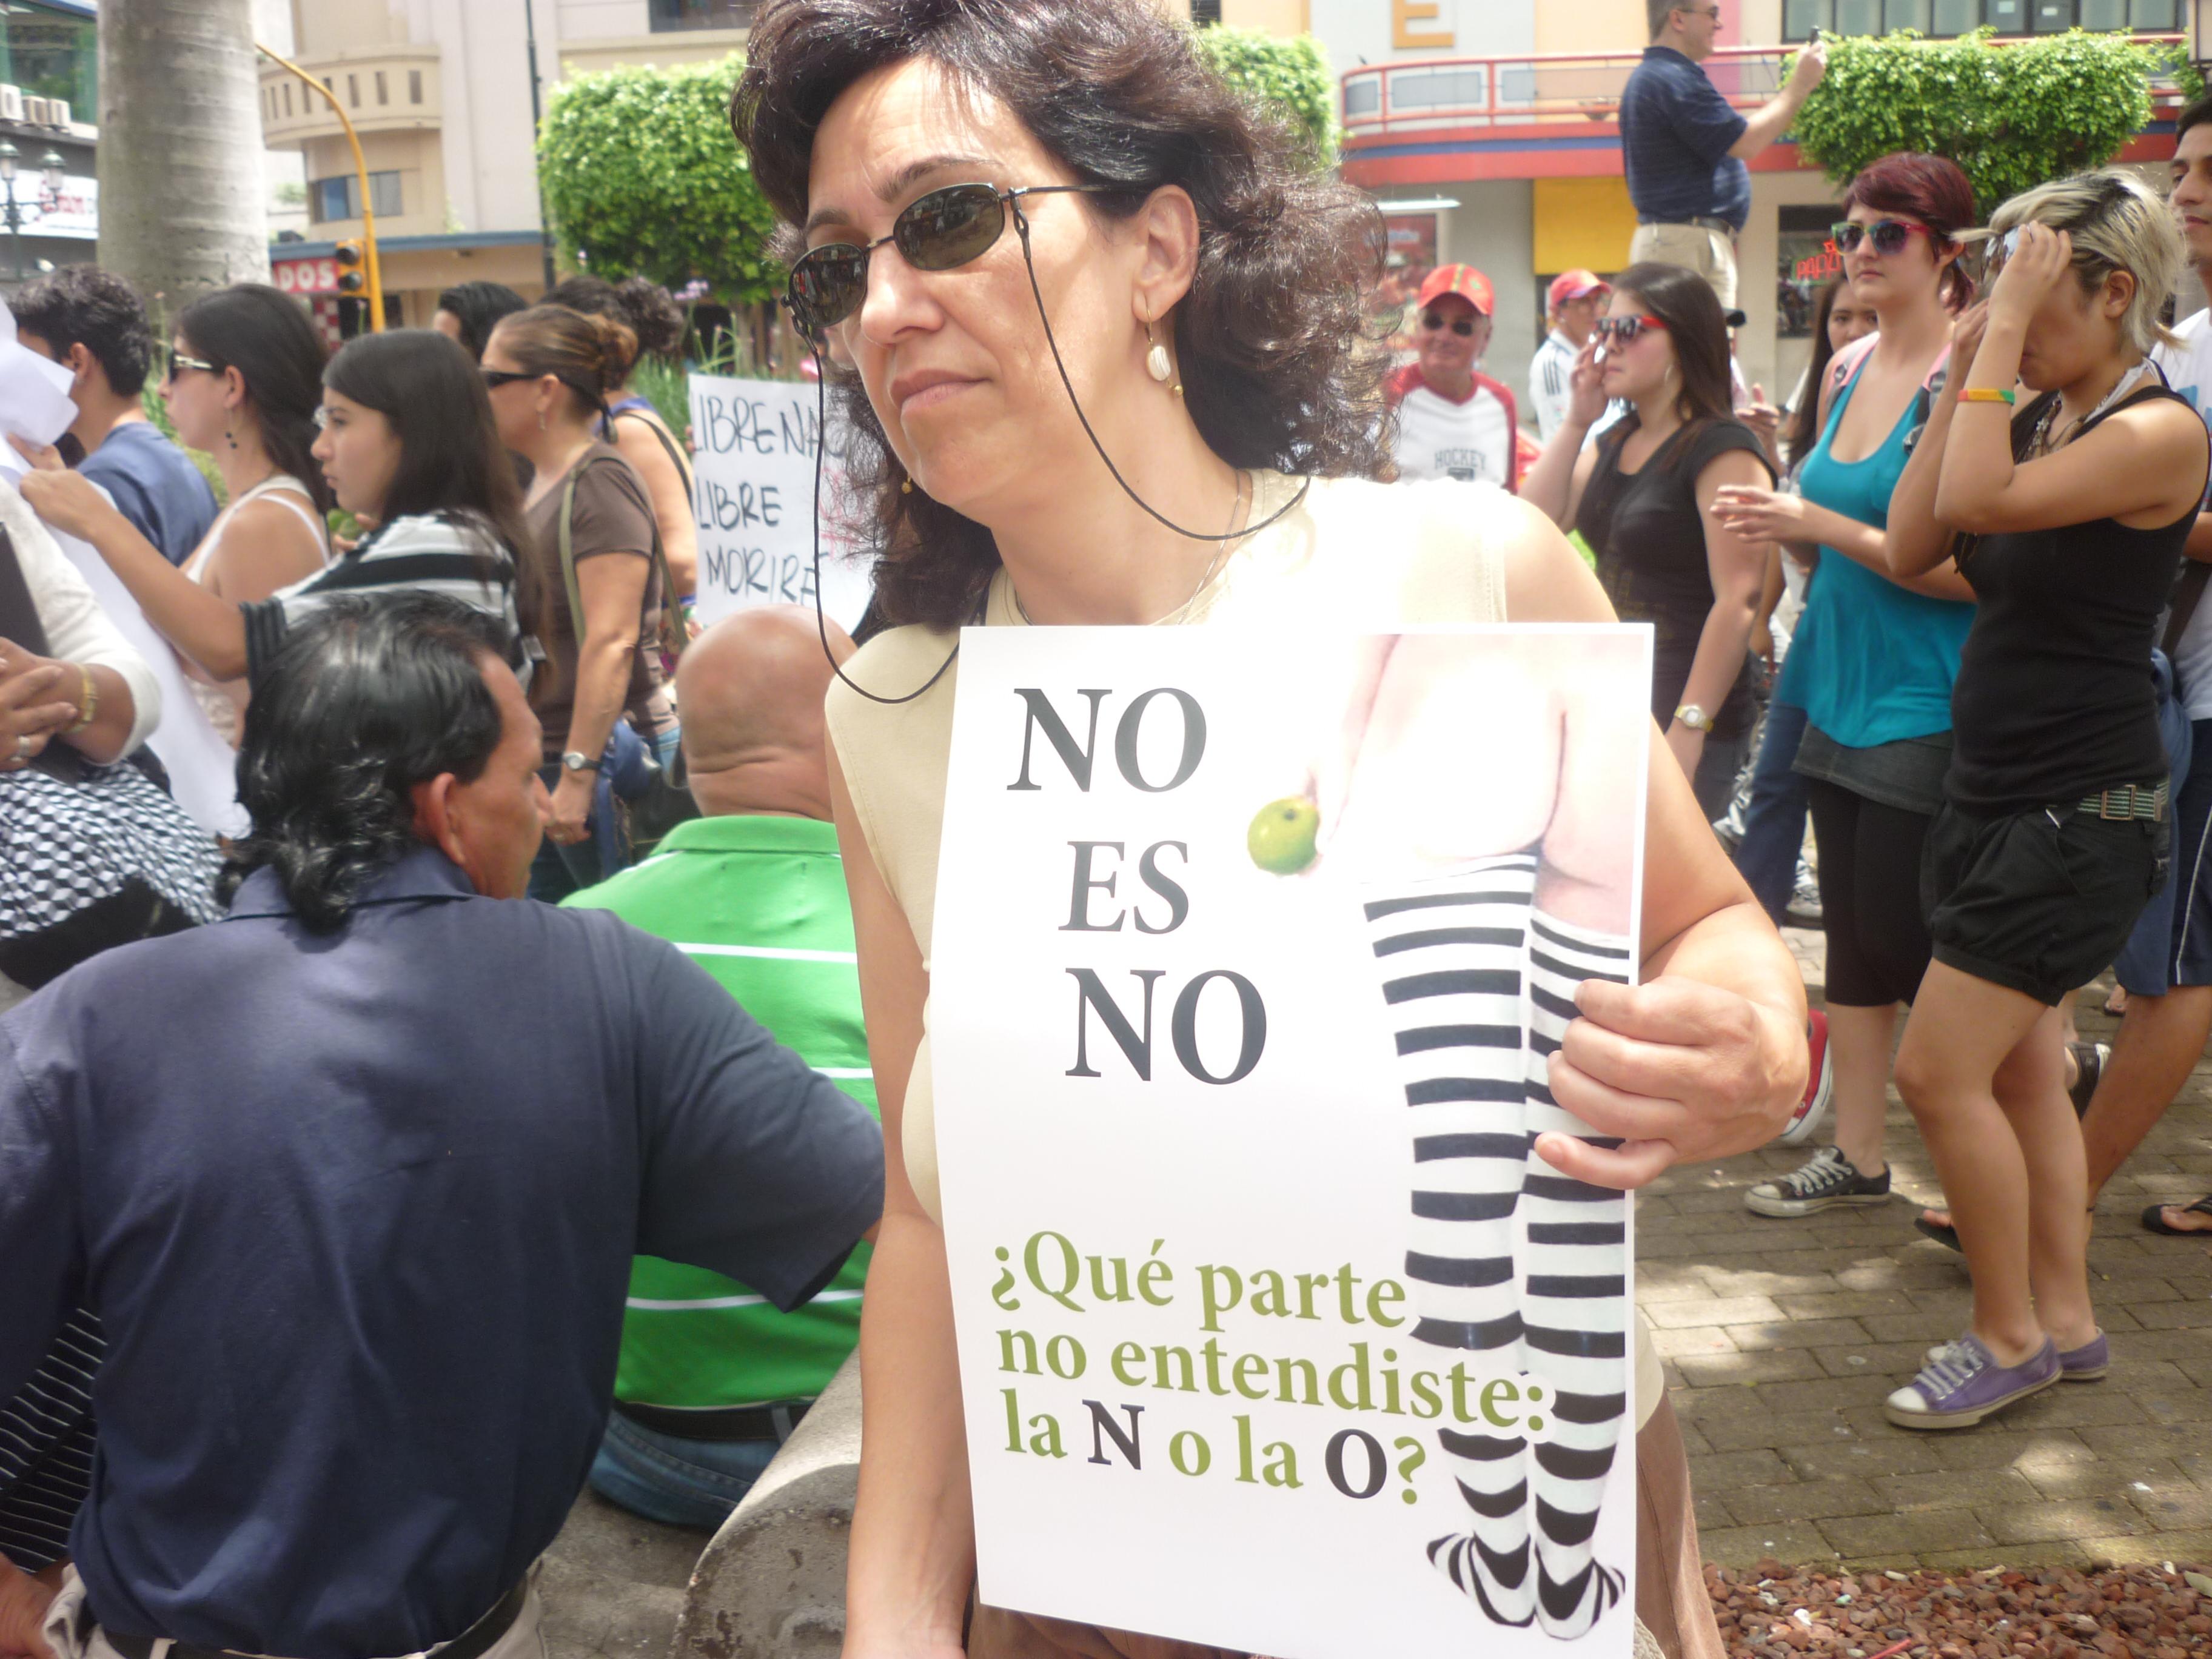 www putas gratis com: